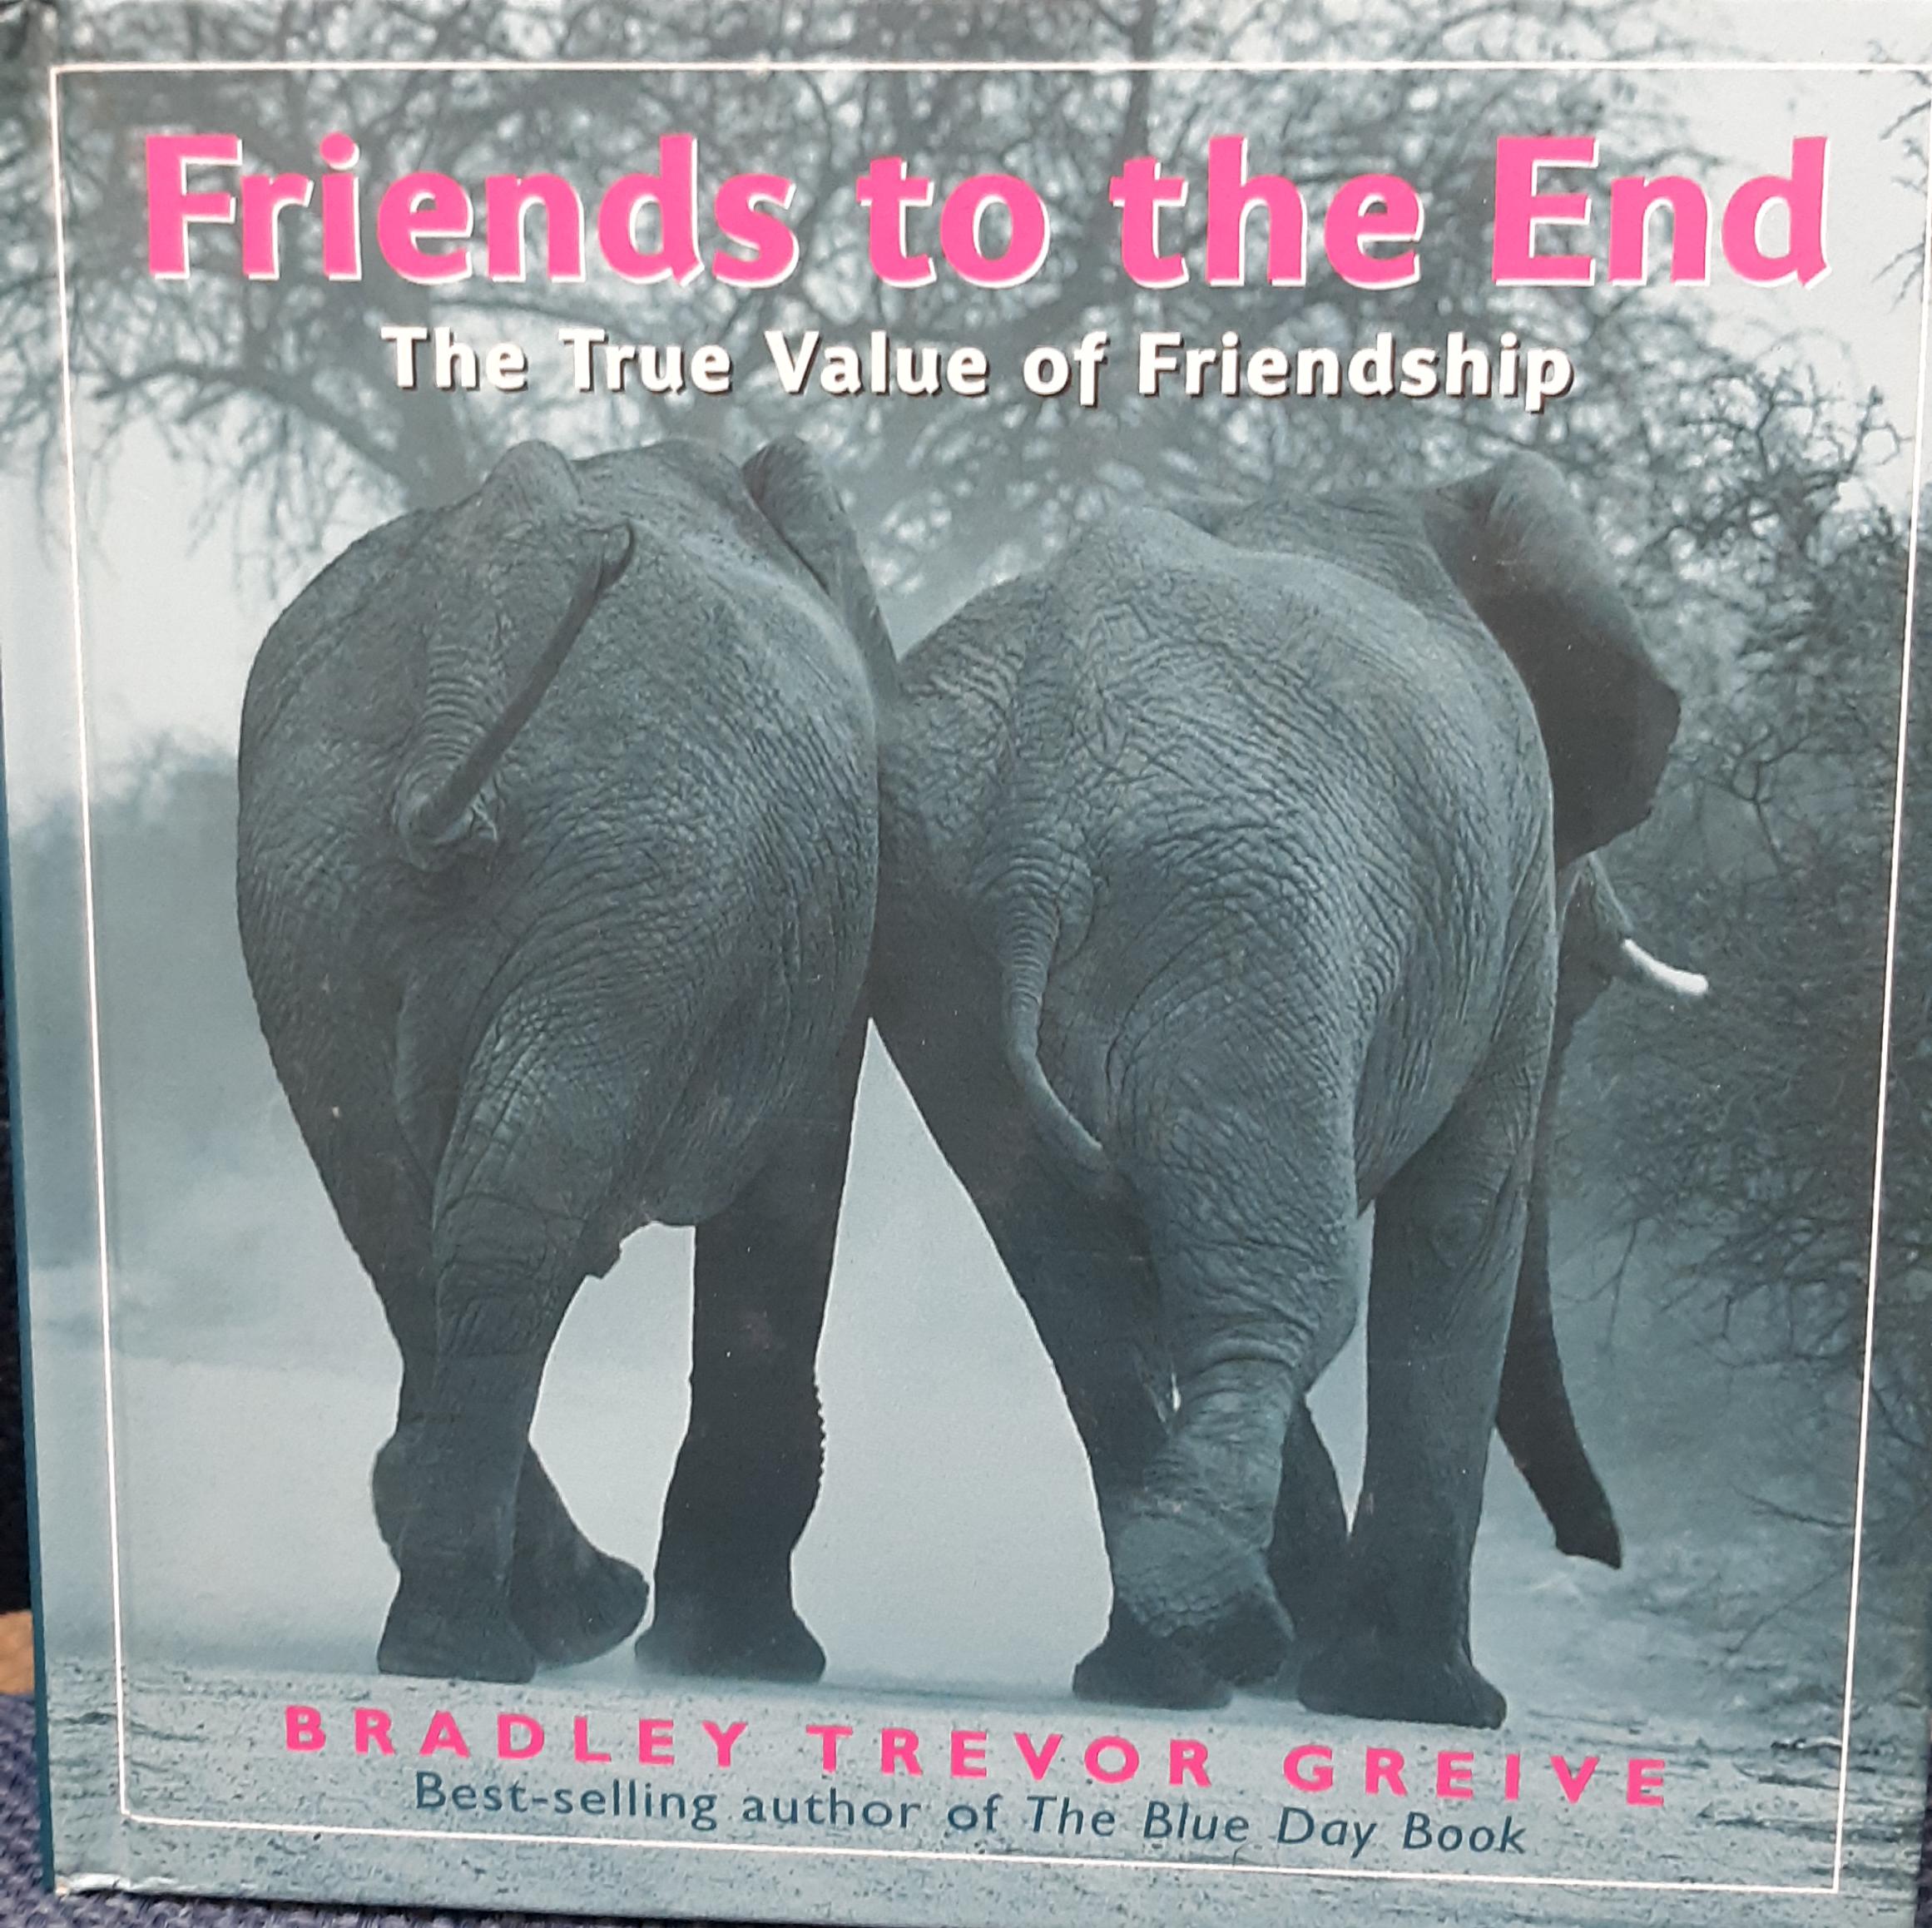 https://0201.nccdn.net/1_2/000/000/155/cc4/friends-to-the-end.png